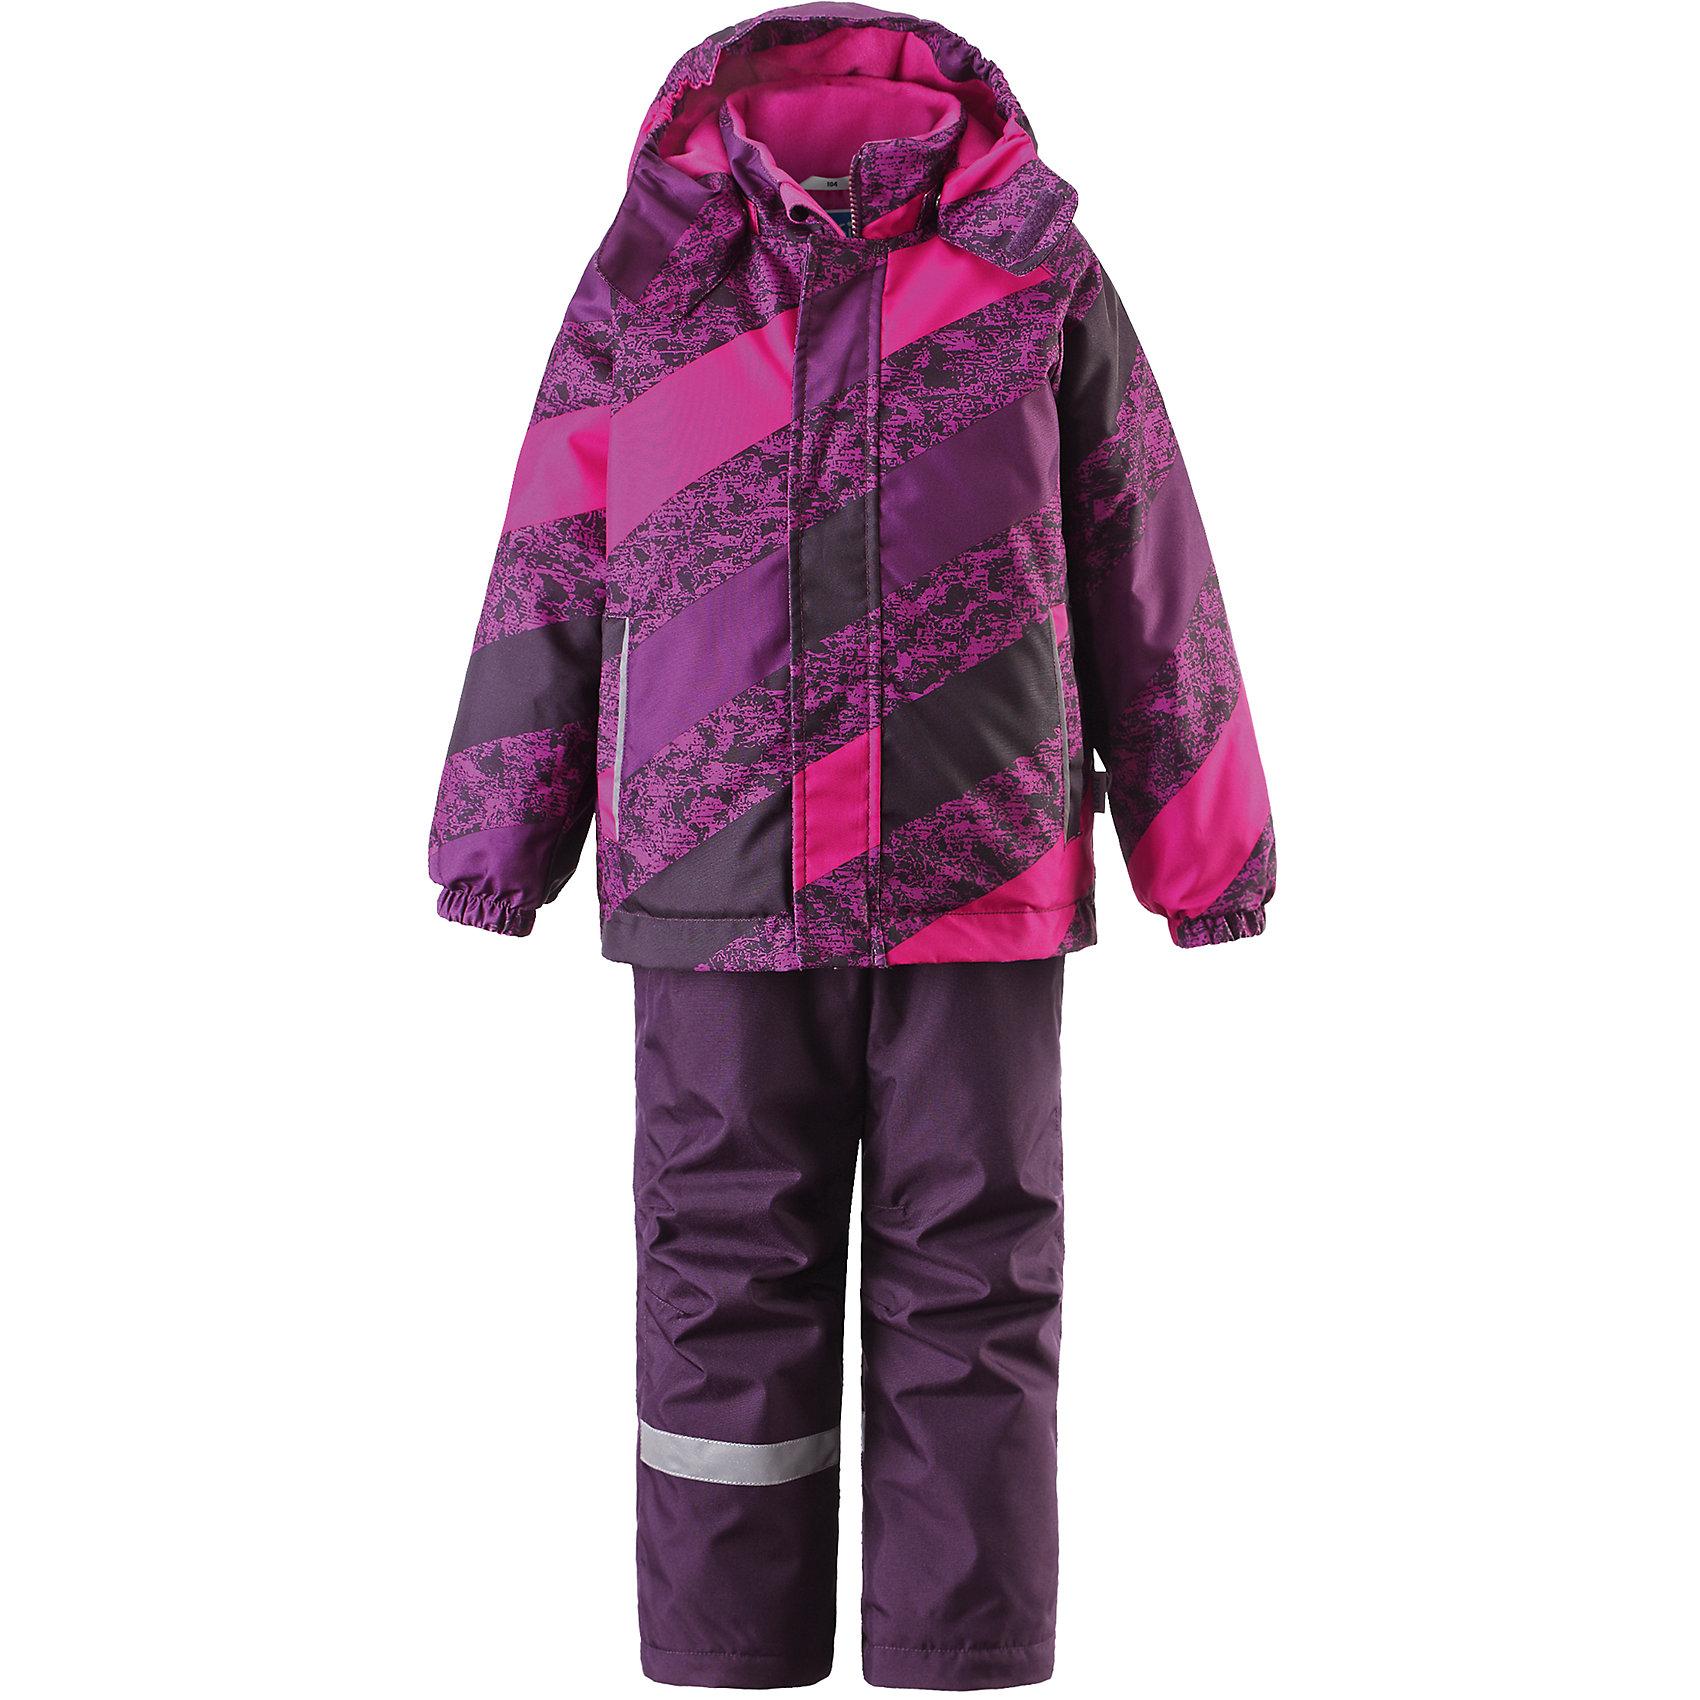 Комплект для девочки LASSIEОдежда<br>Зимний комплект для детей известной финской марки.<br><br>- Сверхпрочный материал. Водоотталкивающий, ветронепроницаемый, «дышащий» и грязеотталкивающий материал.<br>- Задний серединный шов брюк проклеен. <br>- Гладкая подкладка из полиэстра.<br>-  Средняя степень утепления.<br>-  Безопасный, съемный капюшон.<br>-  Эластичные манжеты. Эластичная талия. <br>- Снегозащитные манжеты на штанинах. <br>- Ширинка на молнии. Два прорезных кармана.<br>-  Регулируемые и отстегивающиеся эластичные подтяжки. <br>- Принт по всей поверхности.  <br><br>Рекомендации по уходу: Стирать по отдельности, вывернув наизнанку. Застегнуть молнии и липучки. Соблюдать температуру в соответствии с руководством по уходу. Стирать моющим средством, не содержащим отбеливающие вещества. Полоскать без специального средства. Сушение в сушильном шкафу разрешено при  низкой температуре.<br><br>Состав: 100% Полиамид, полиуретановое покрытие.  Утеплитель «Lassie wadding» 100гр.(брюки); 180гр.(куртка).<br><br>Ширина мм: 190<br>Глубина мм: 74<br>Высота мм: 229<br>Вес г: 236<br>Цвет: розовый<br>Возраст от месяцев: 18<br>Возраст до месяцев: 24<br>Пол: Женский<br>Возраст: Детский<br>Размер: 92,140,98,104,110,116,122,128,134<br>SKU: 4782148